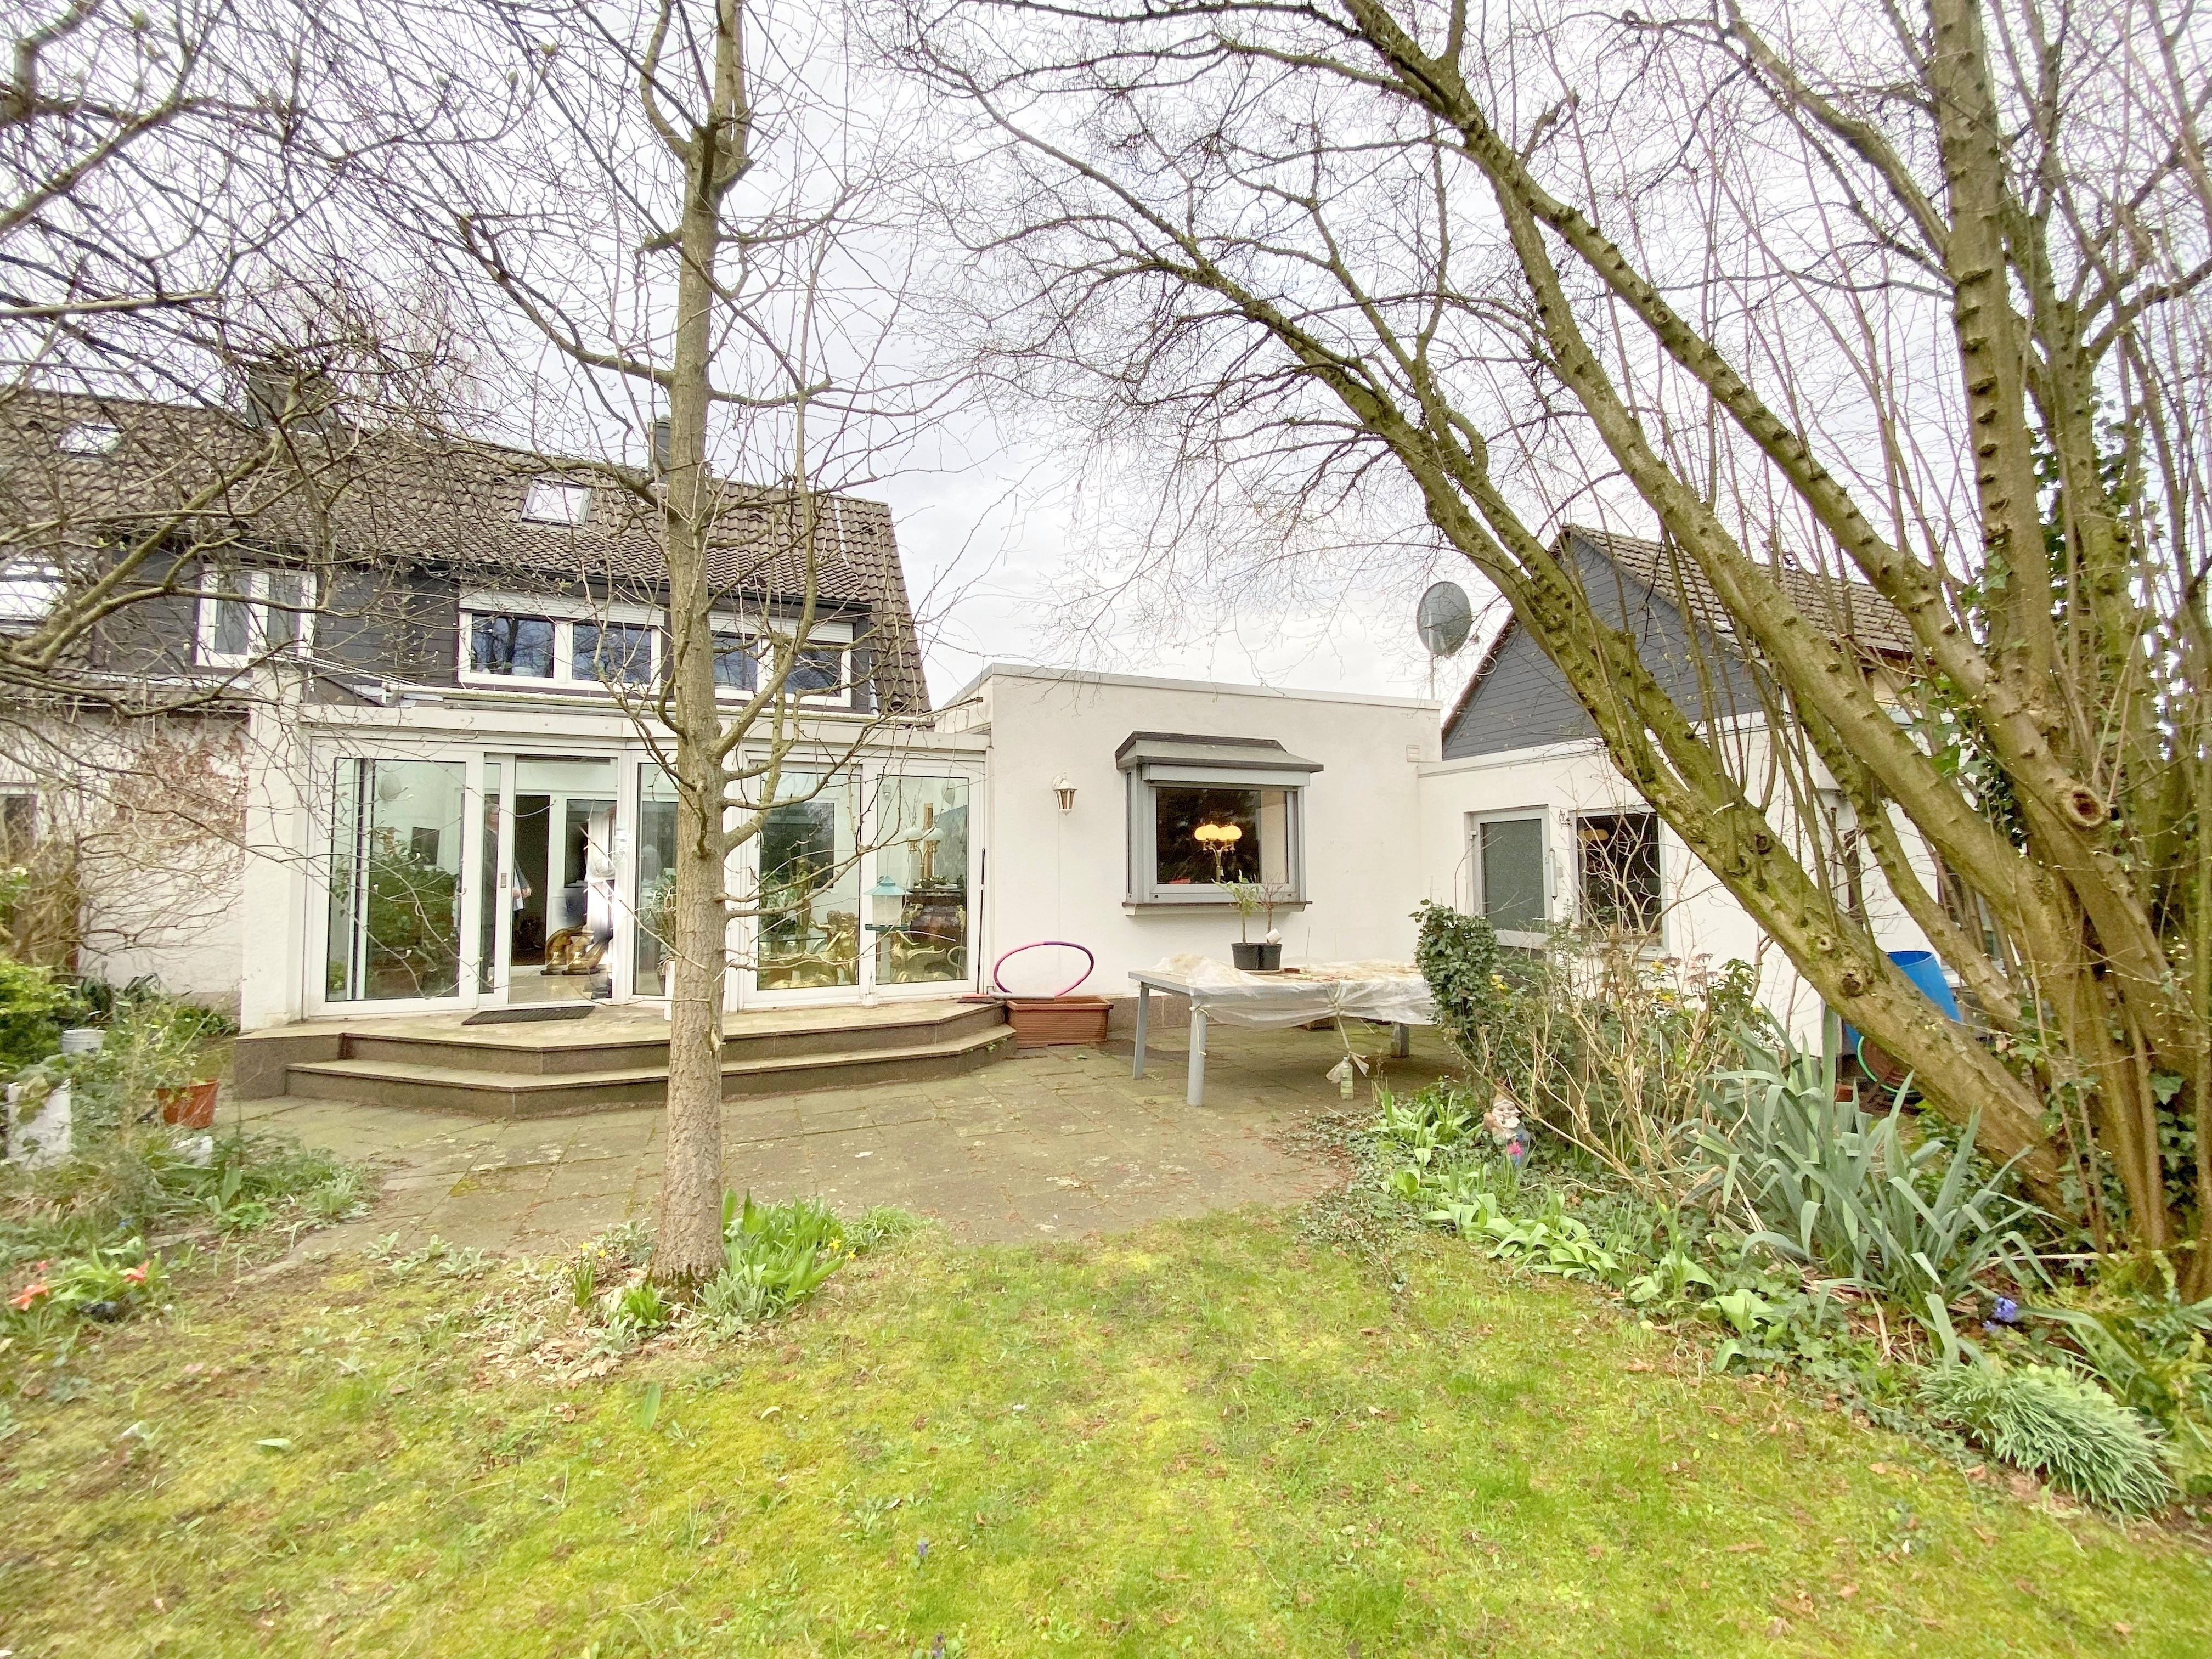 Einfamilienhaus (DHH) mit Einliegerwohnung und großem Gartengrundstück + Garage in der Vogelsiedlung in Unterrath/Grenze Stockum